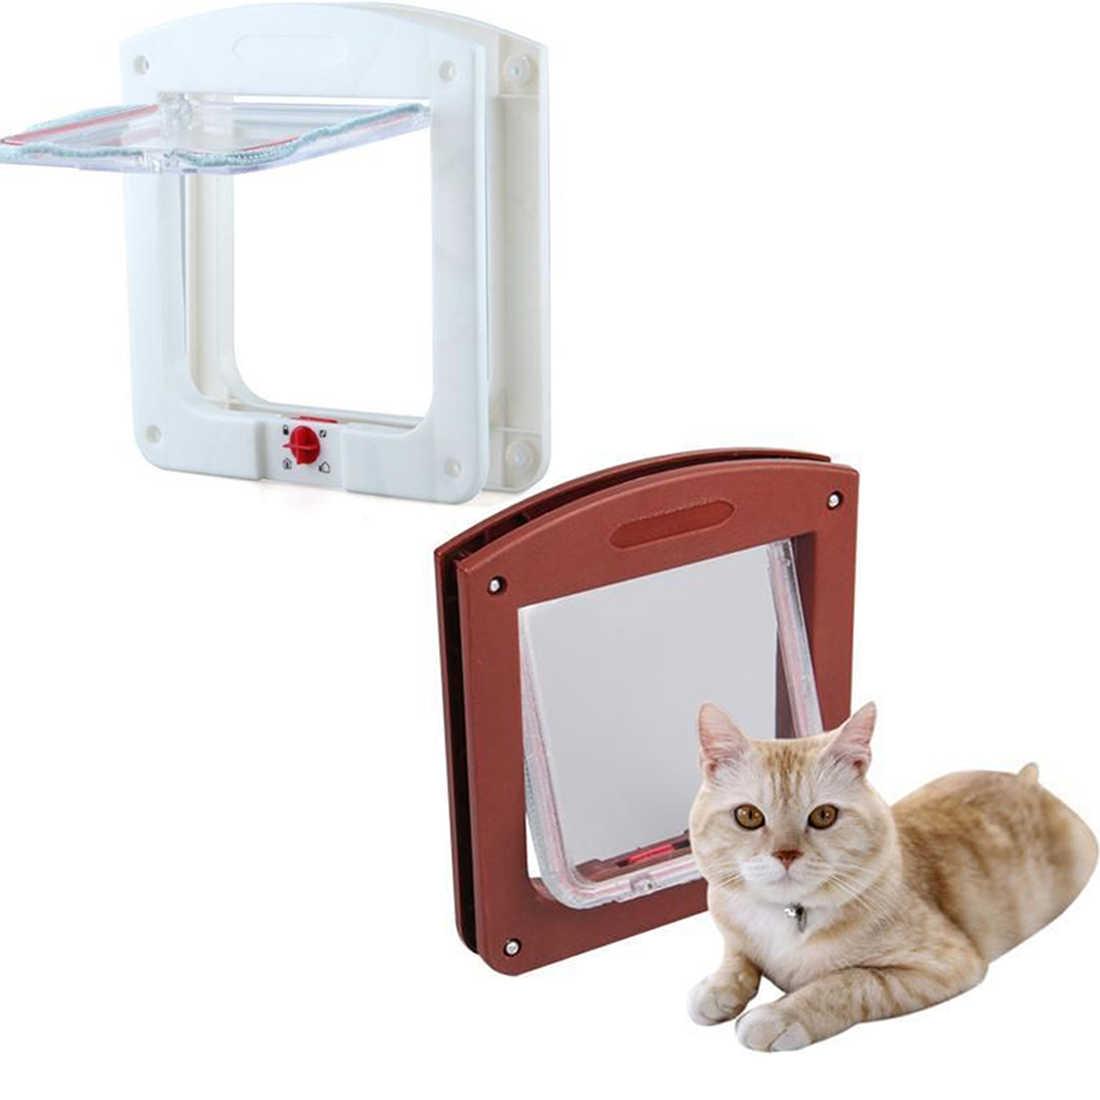 4 웨이 잠금 애완 동물 고양이 키티 작은 개 강아지 강아지 플랩 안전 문 터널 많은 작은 개 제어 문 애완 동물 용품